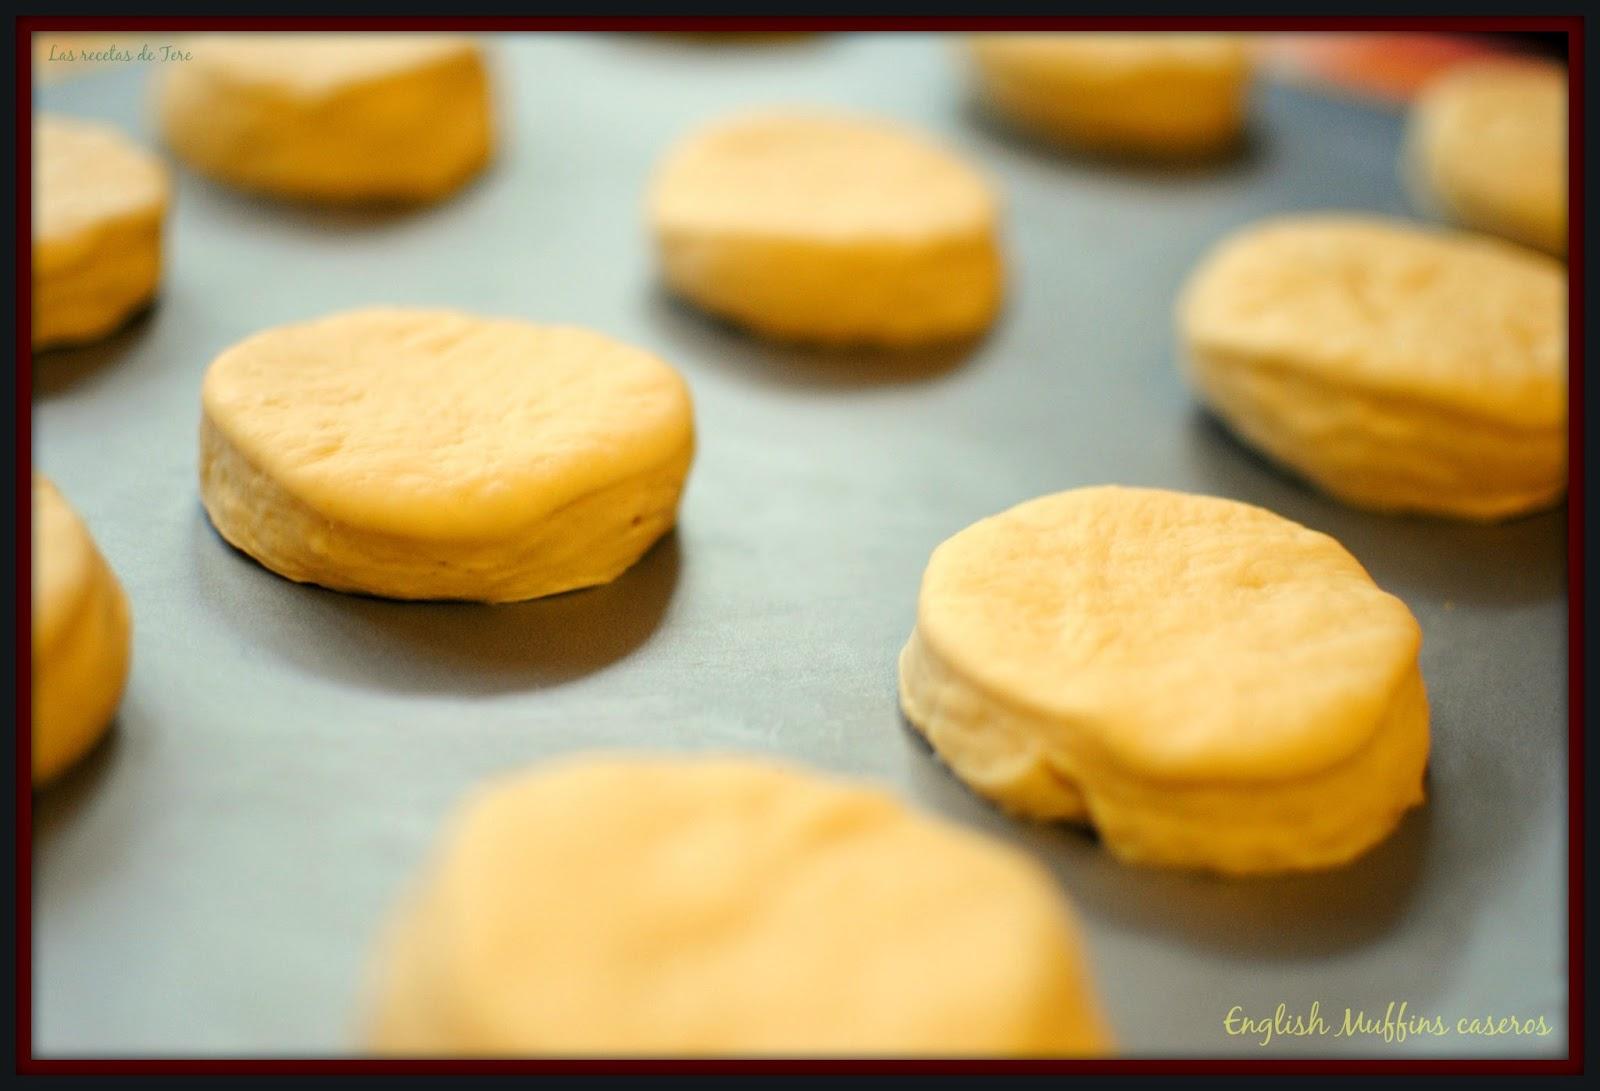 deliciosos english muffins caseros 06